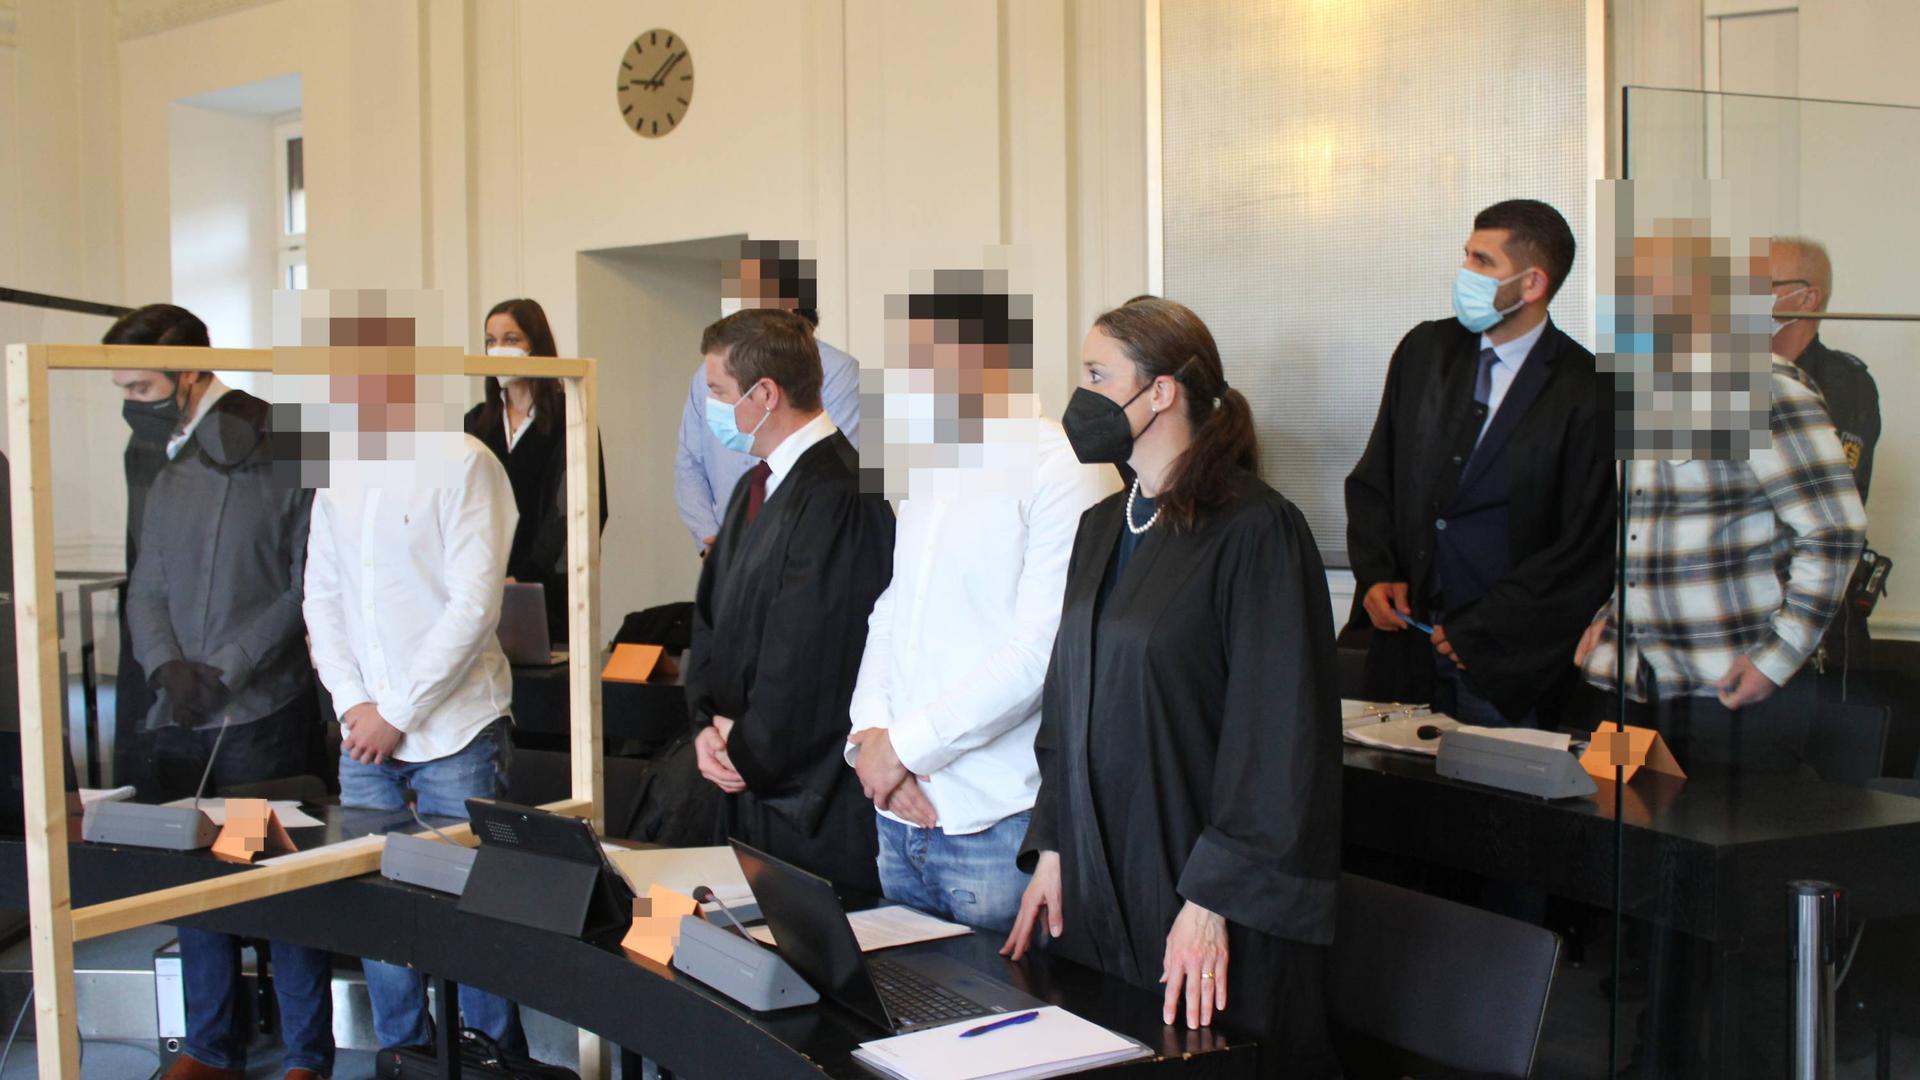 Prozessauftakt: In acht Verhandlungstagen will die Schwurgerichtskammer am Landgericht Karlsruhe klären, ob fünf junge Männer aus Pforzheim und Enzkreis des versuchten gemeinschaftlichen Totschlags schuldig sind.